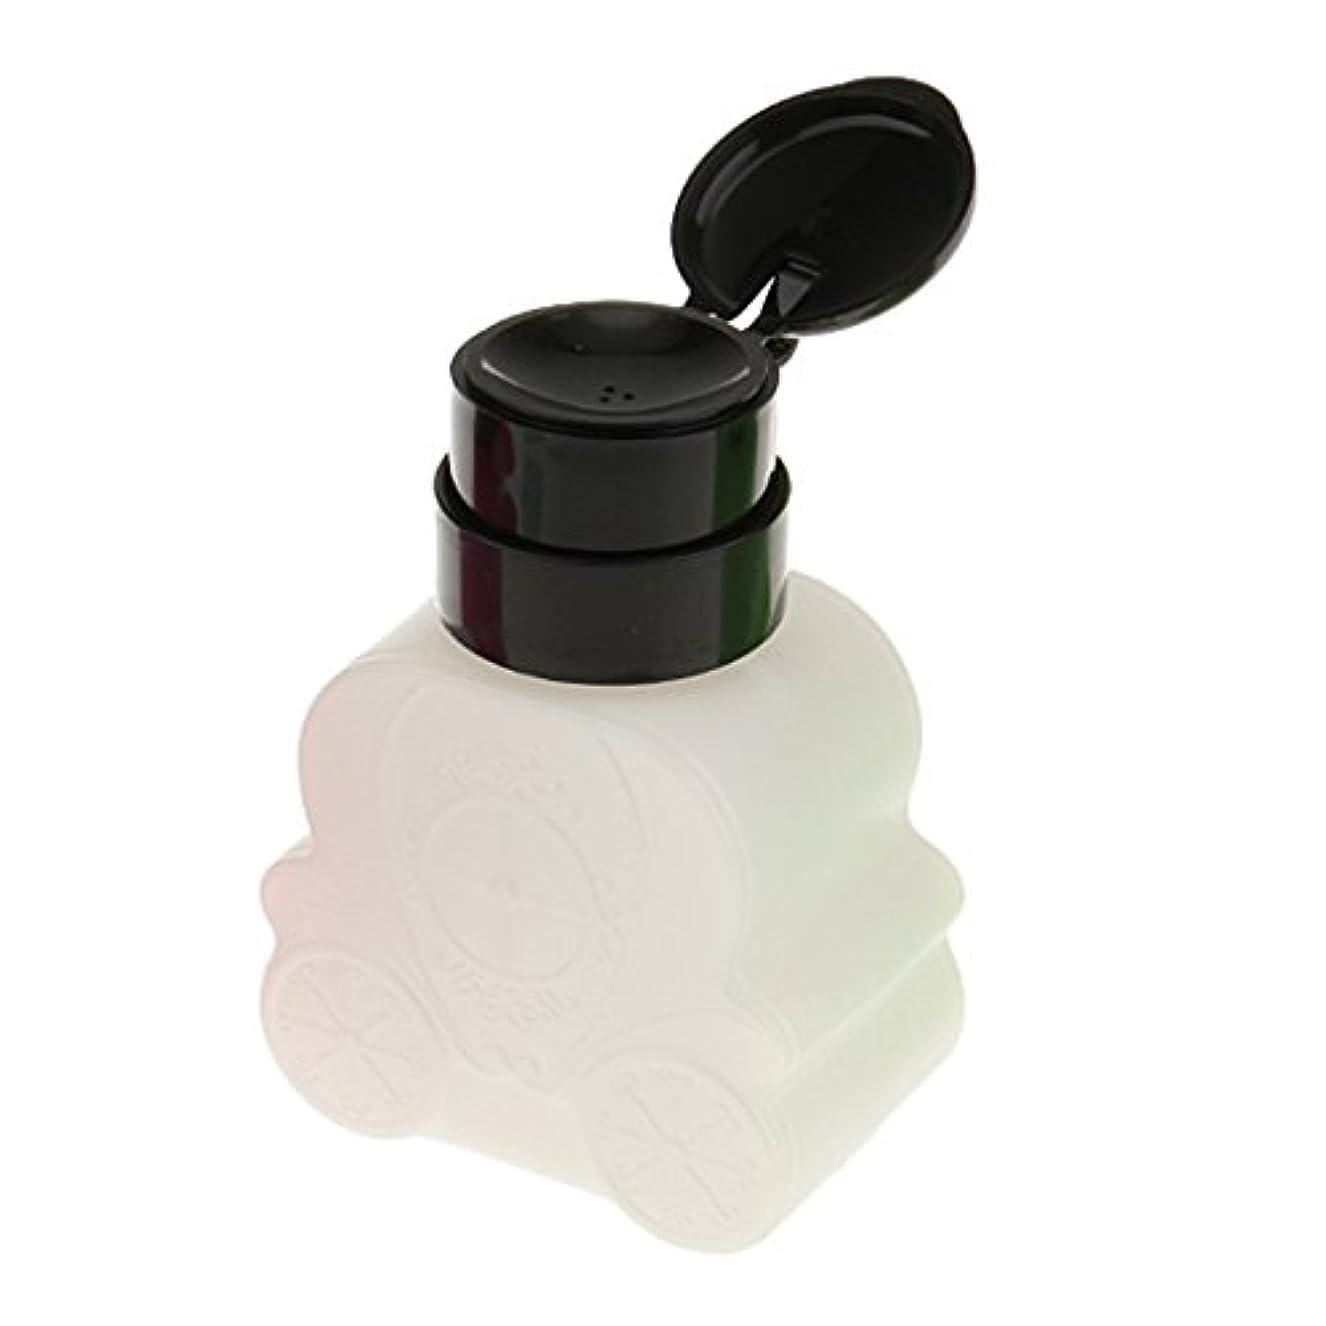 スリンク秀でるマイルドネイルクリーナーボトル ポンプ 車型 防揮発 耐久 ネイル清潔 便利 240ml